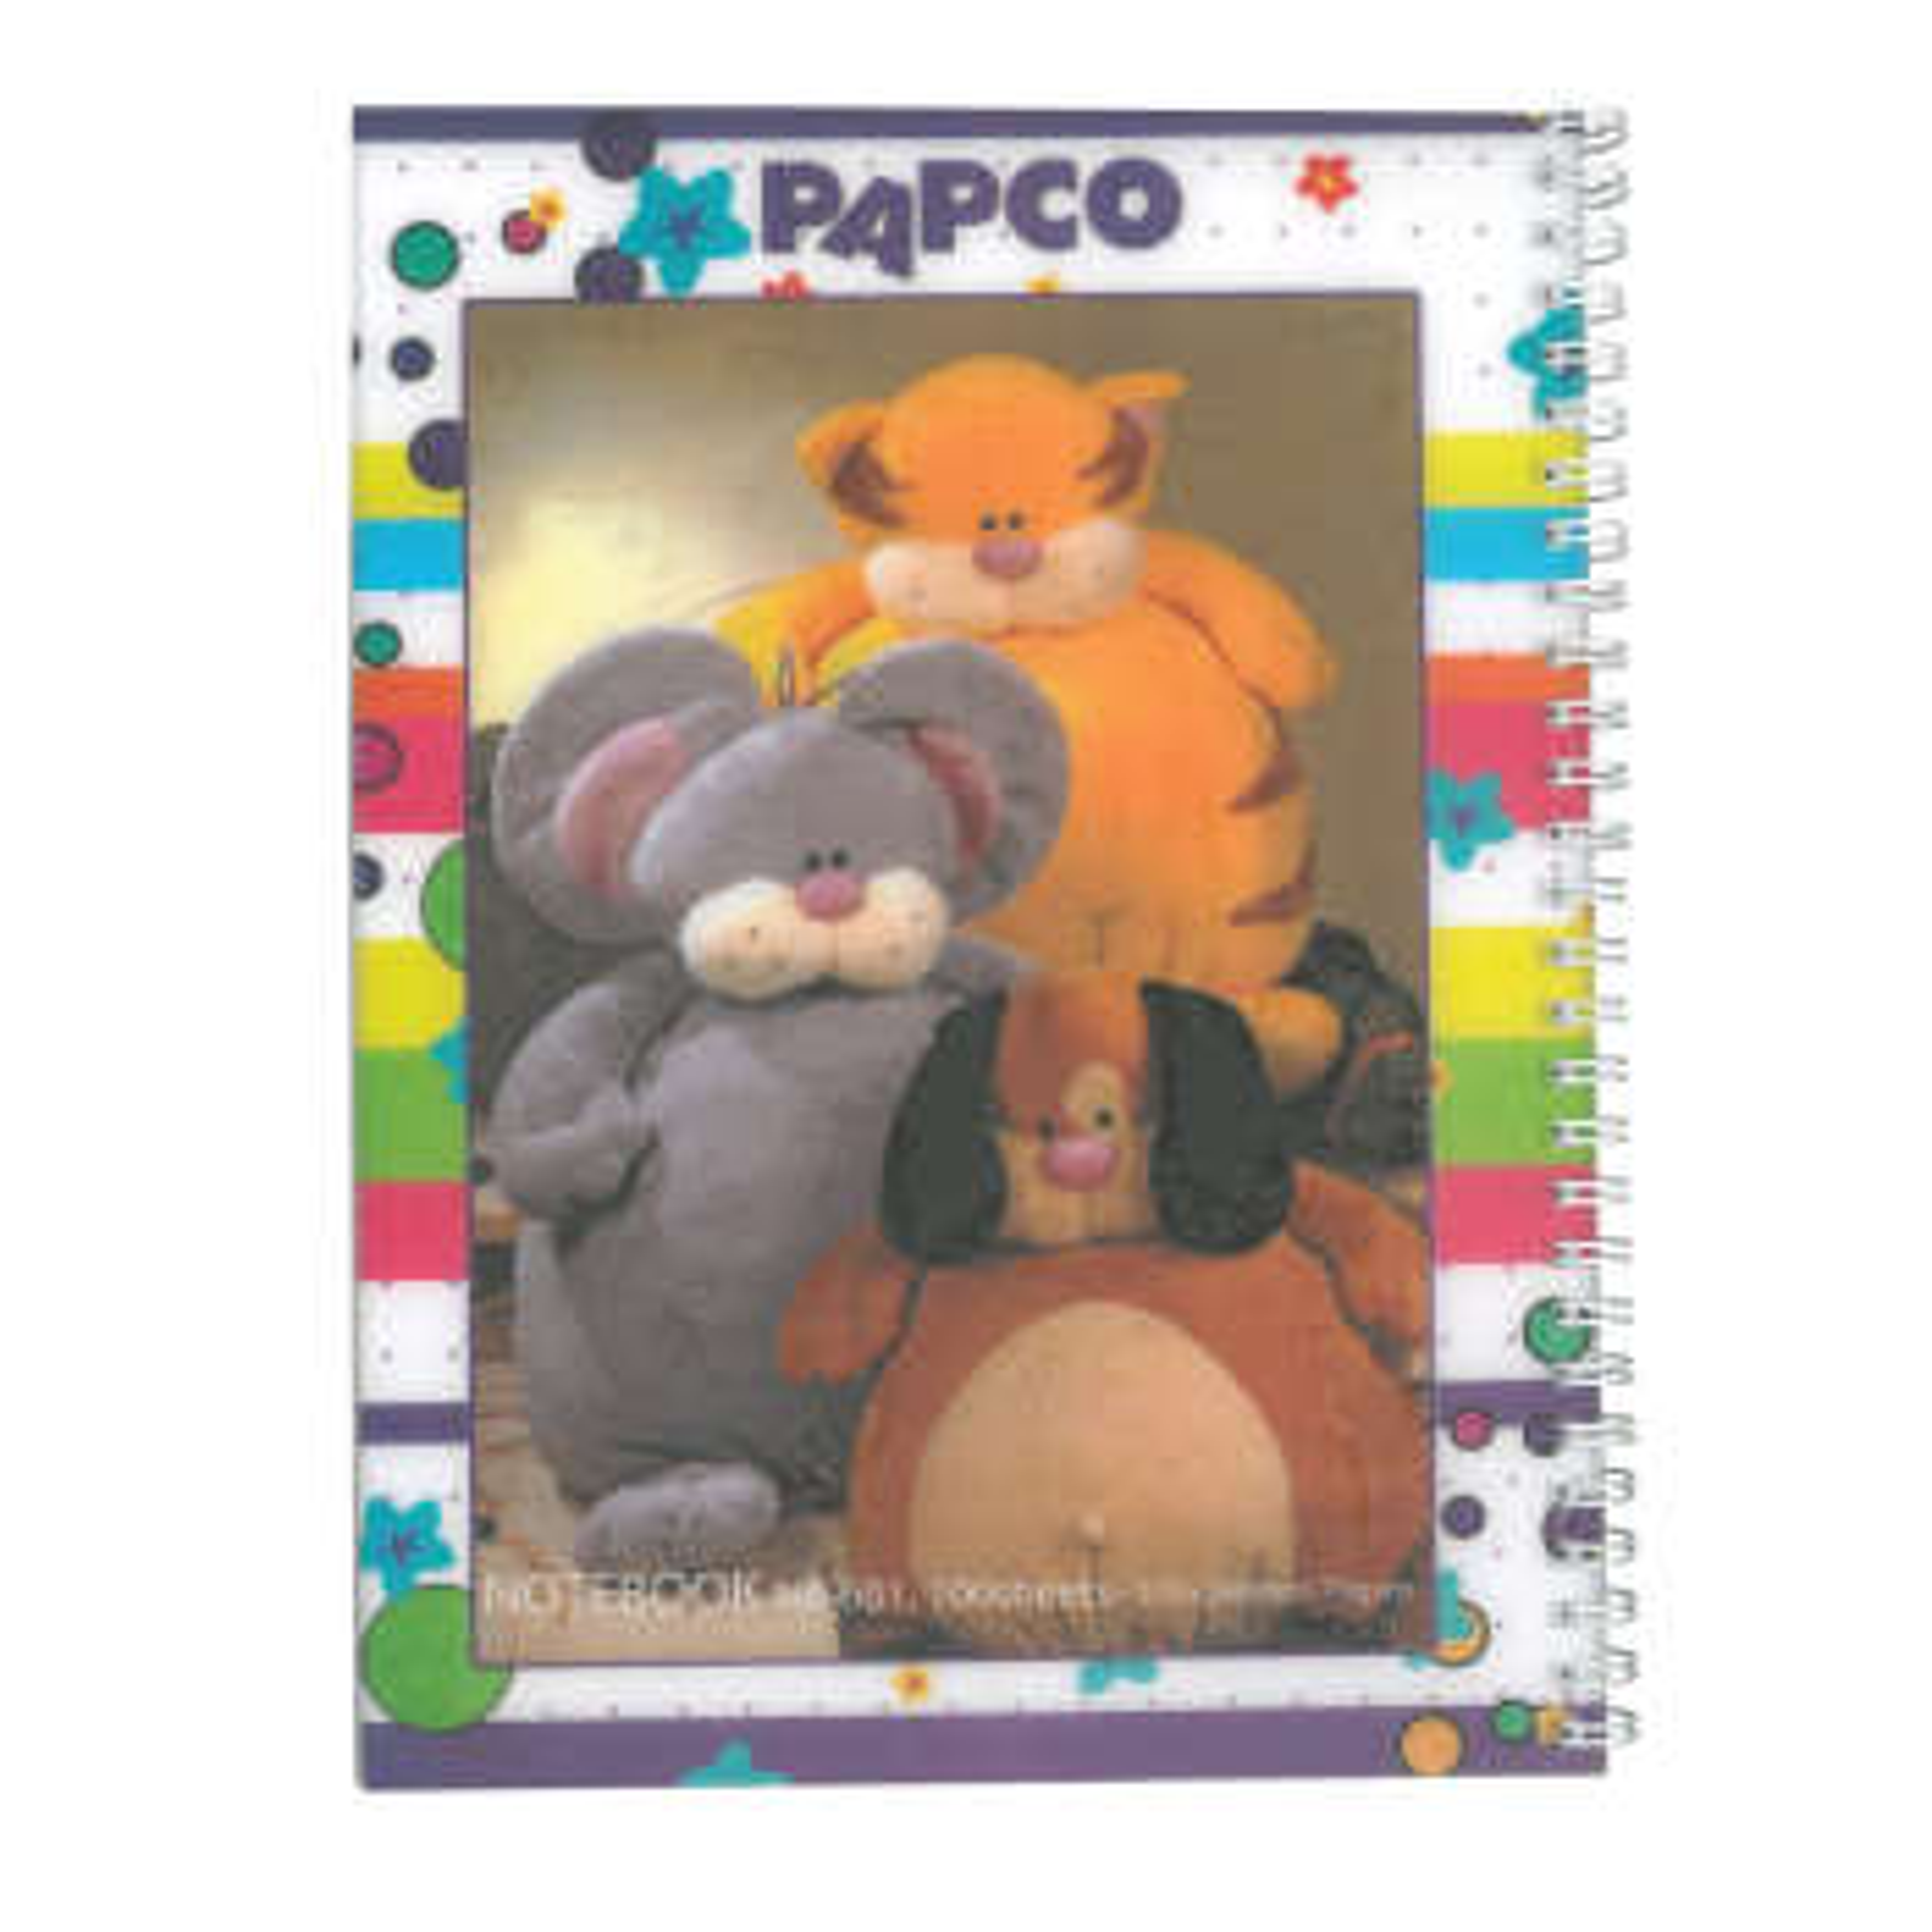 دفتر مشق پاپکو مدل NB-601 کد 324